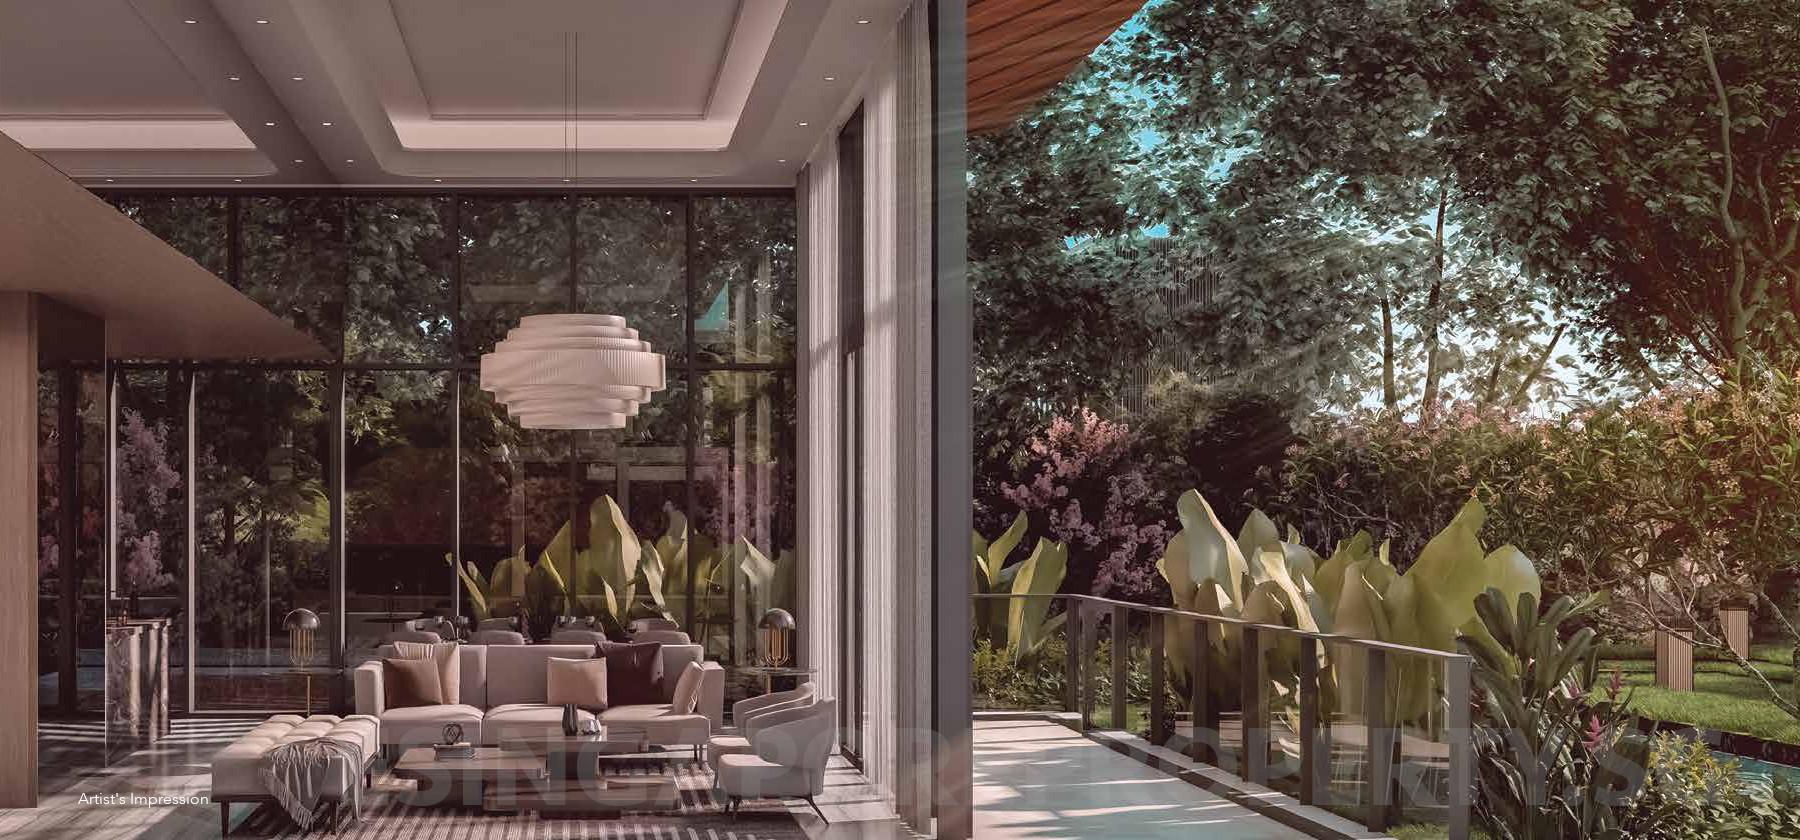 Leedon Green Condo Garden Villa